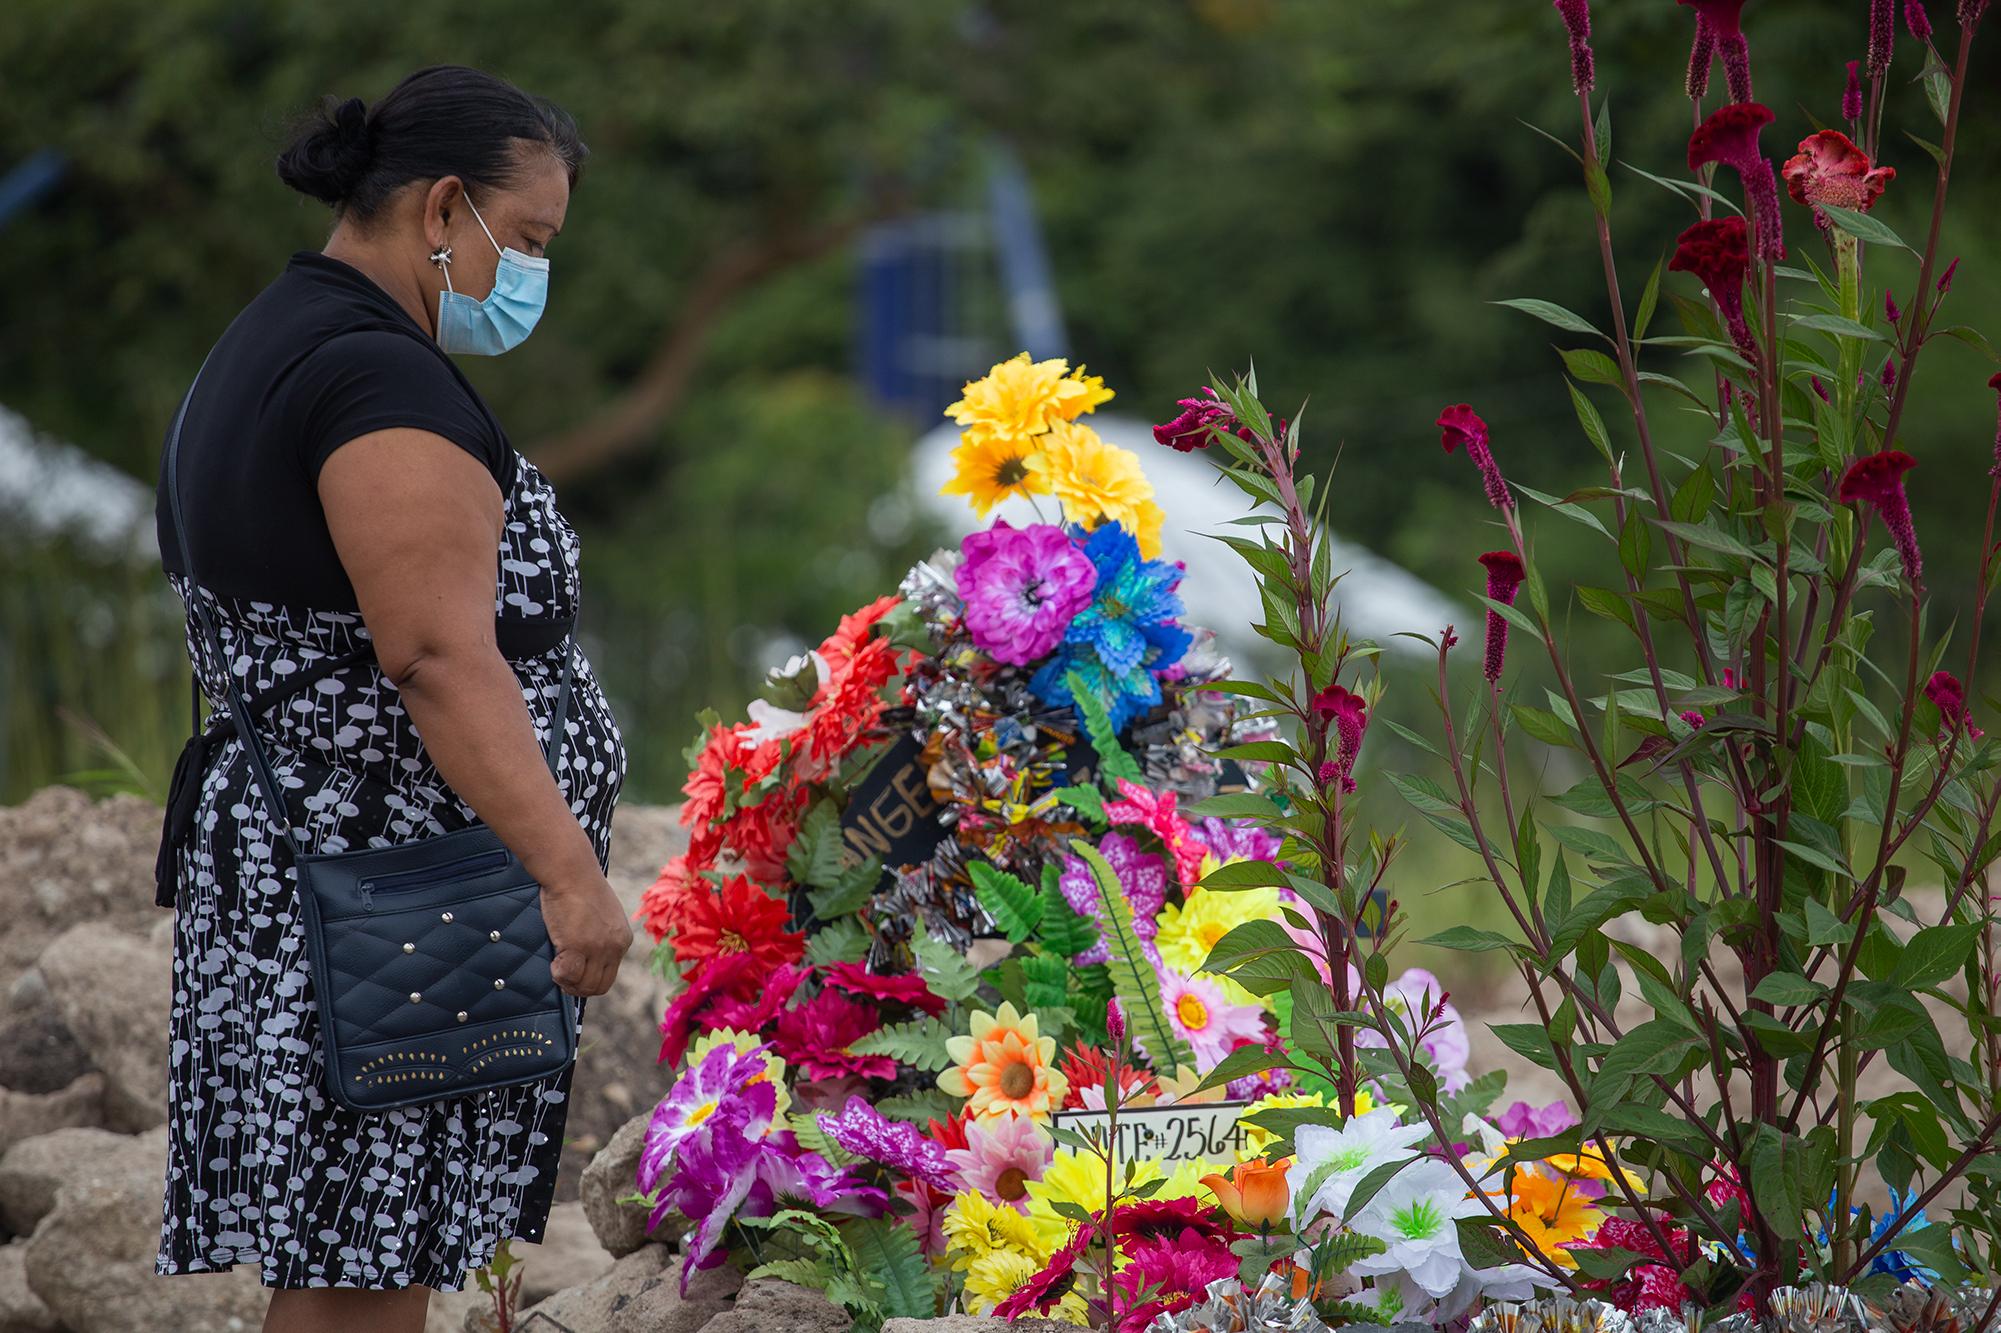 Gladis de 45 años ha limpiado y adornado con flores la tumba de su madre que falleció a los 69 años en el Hospital Escuela Universitario a causa de la Covid-19. Comayagüela, 2 de noviembre de 2020. Foto: Martín Cálix.